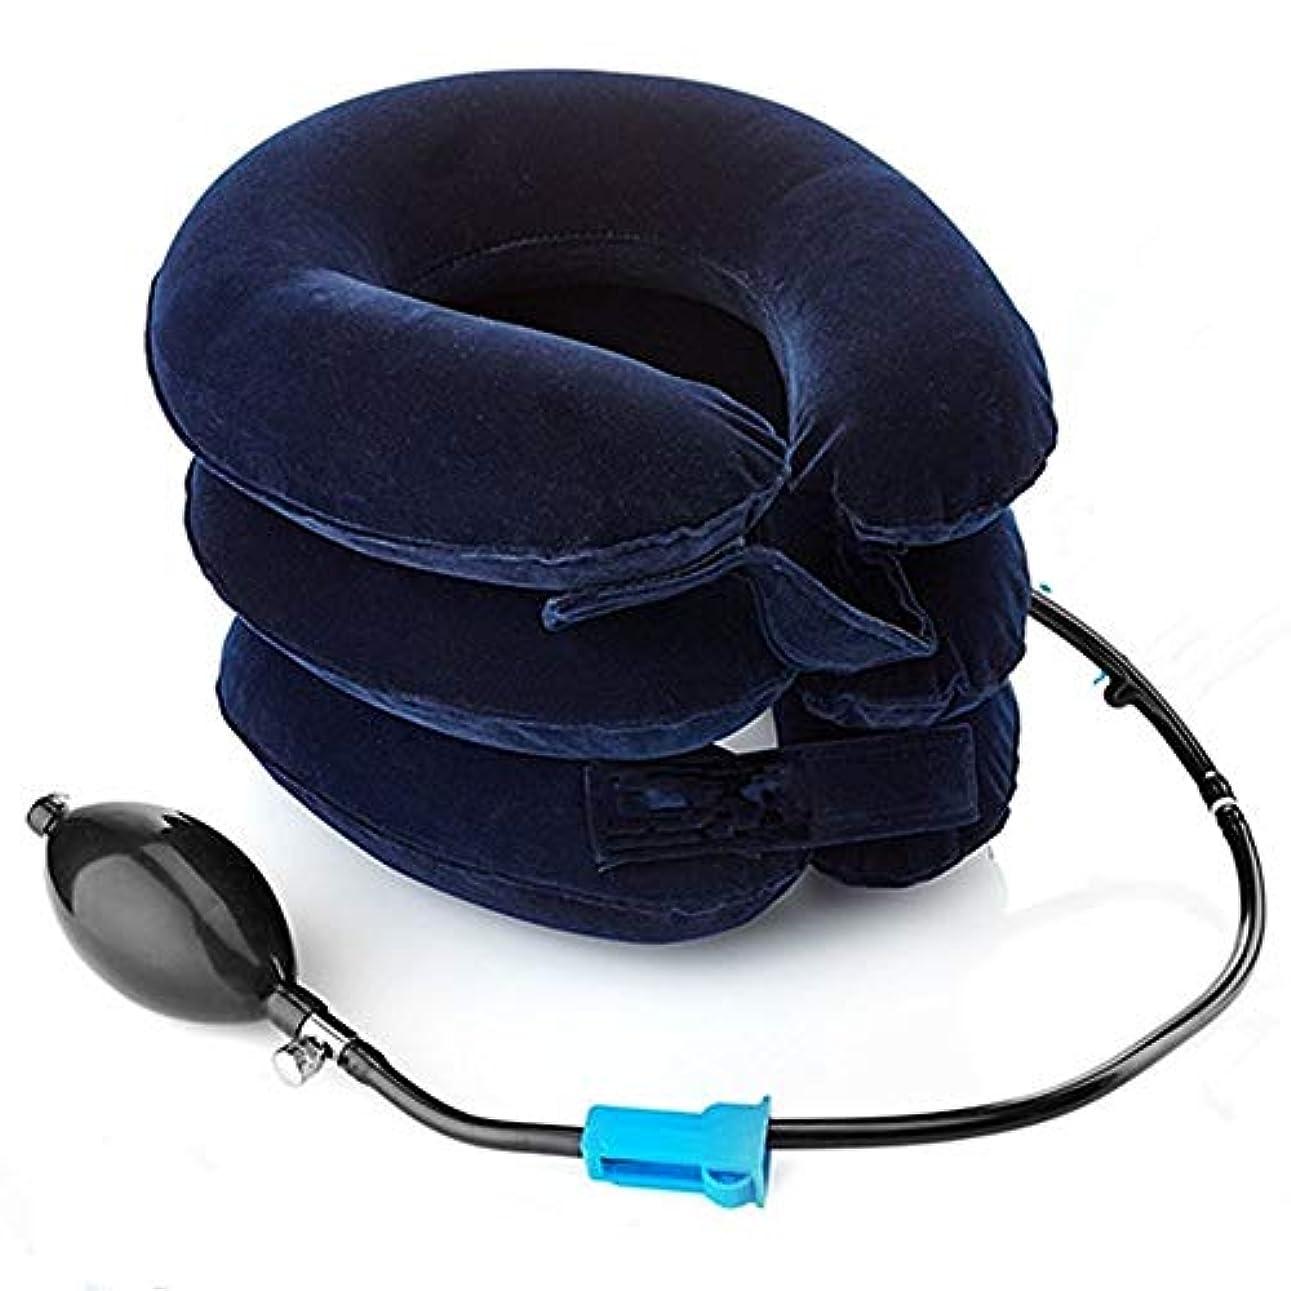 真向こう顕現フルート子宮頸管牽引装置FDA登録 - ホームトラクション背骨の整列のためのインフレータブル&調節可能なネックストレッチャーカラー